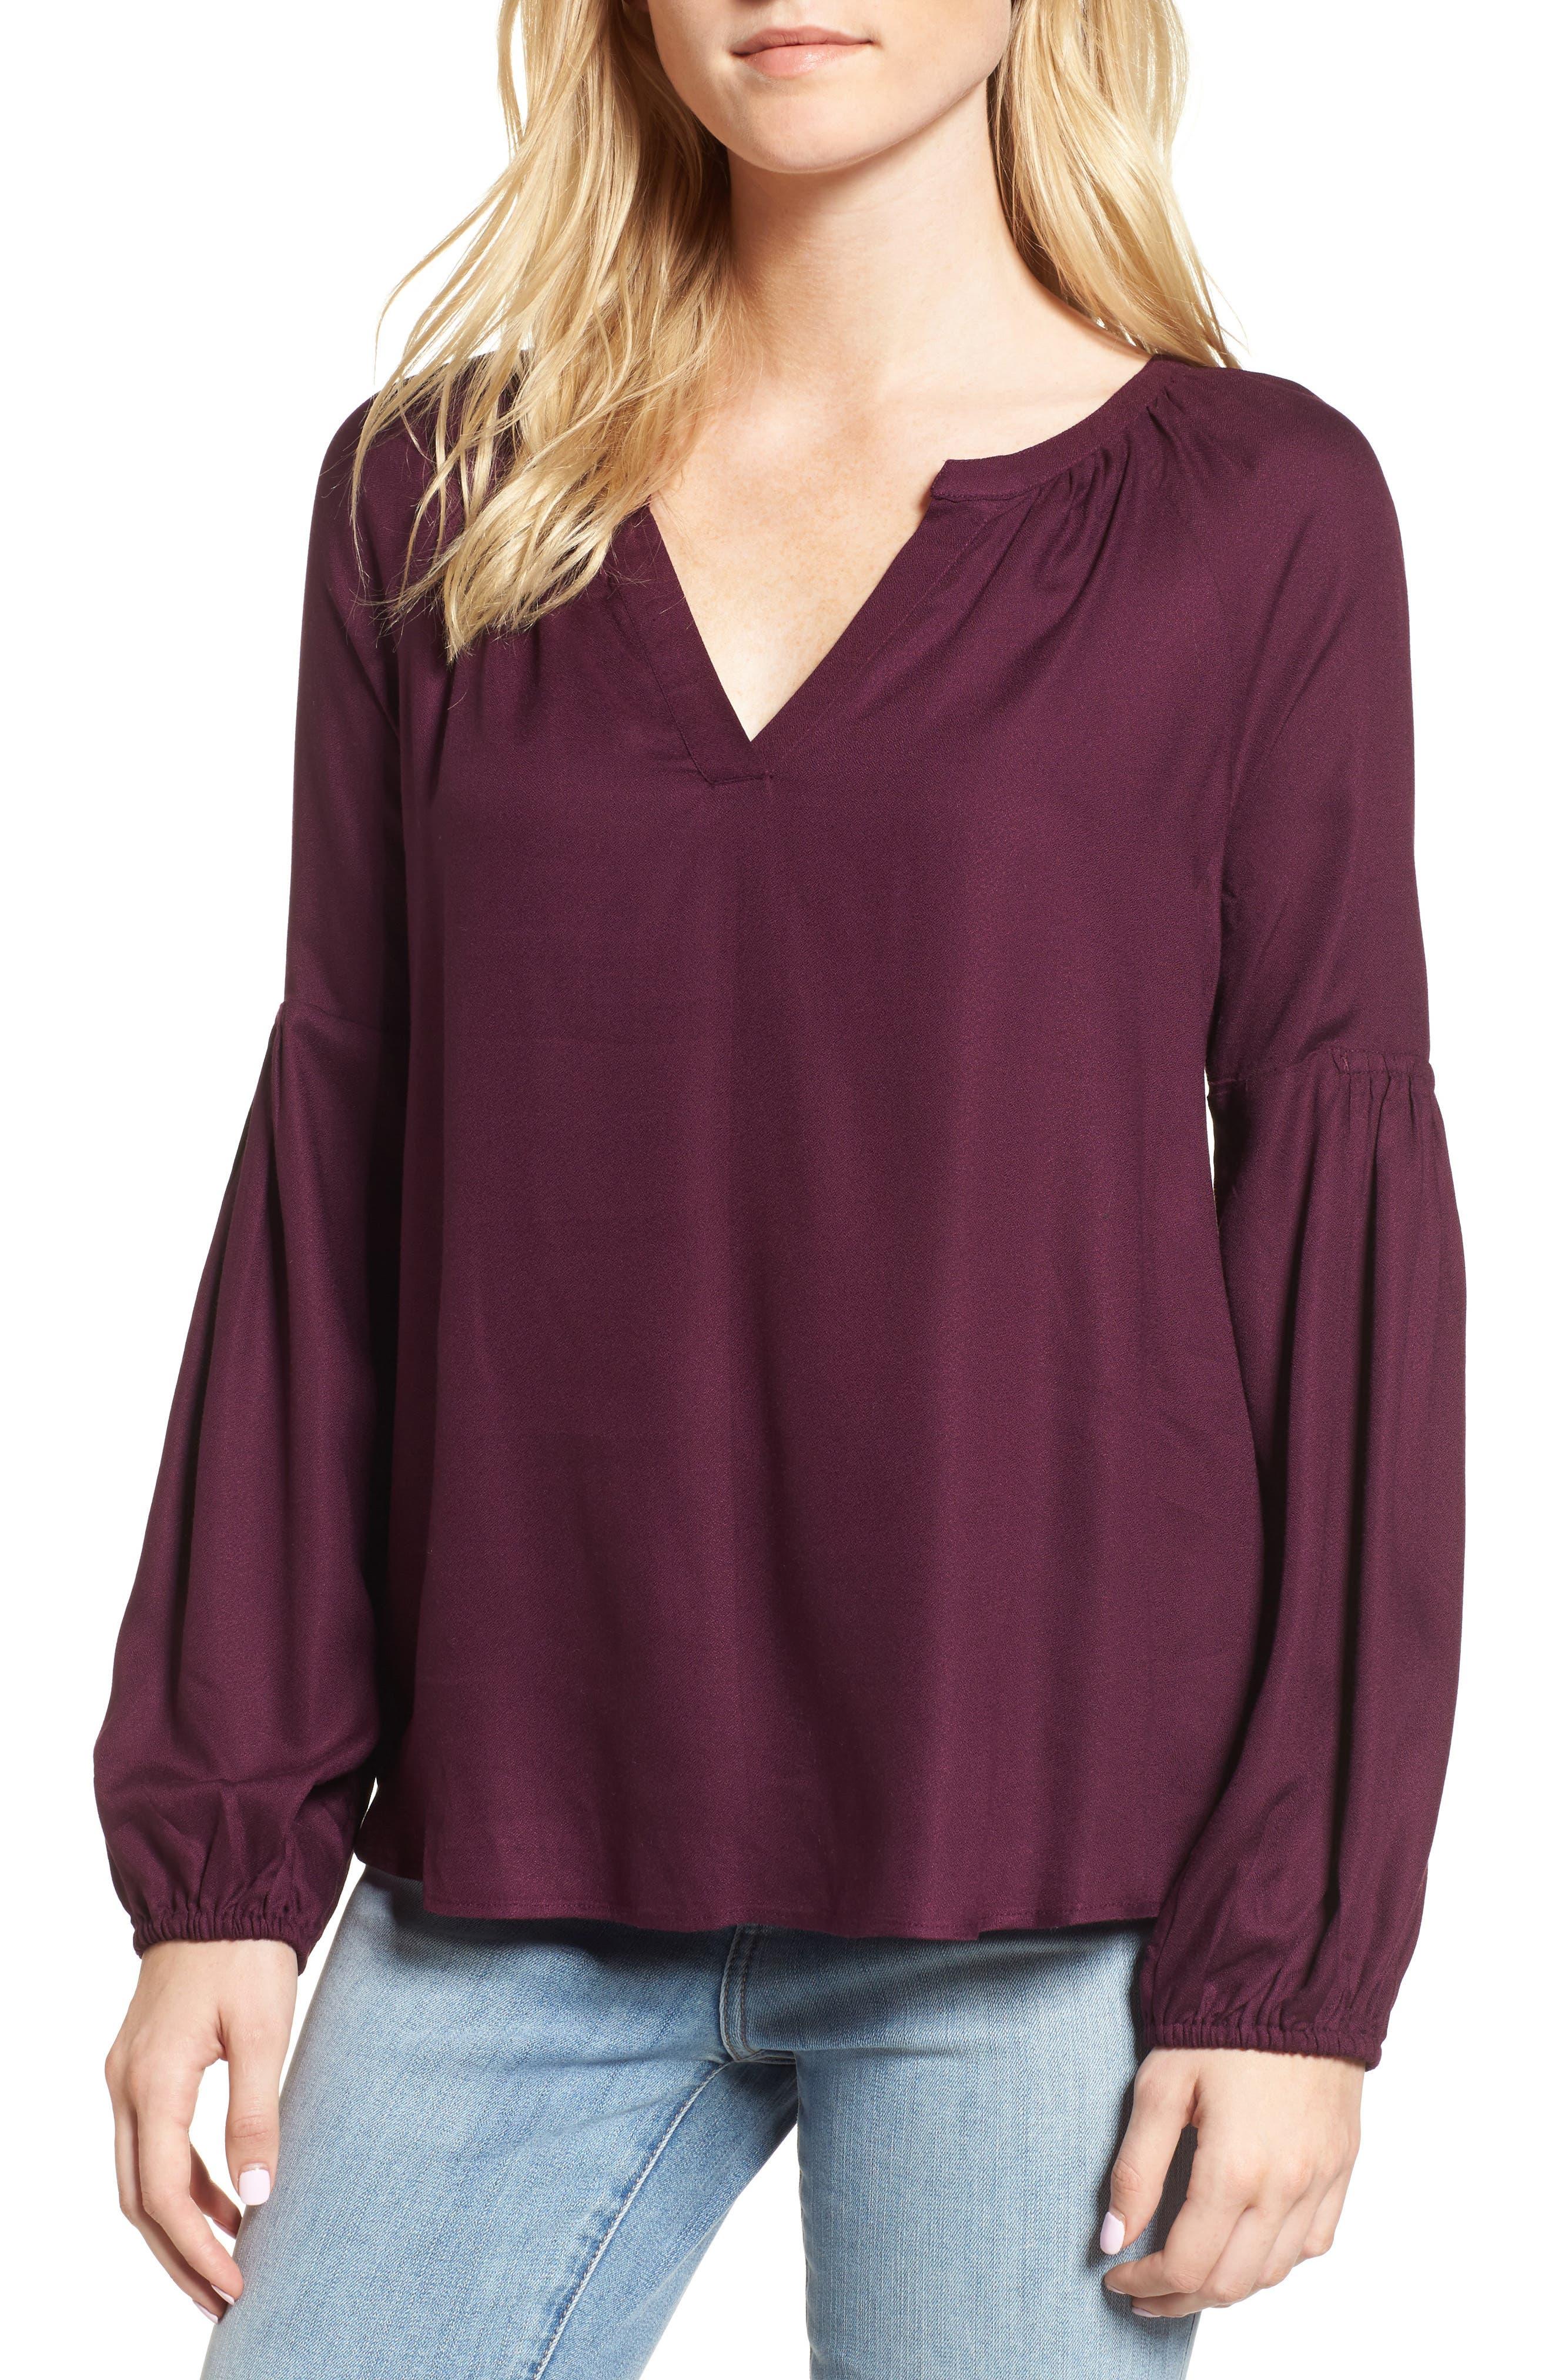 Blouson Sleeve Top,                         Main,                         color, Purple Potent